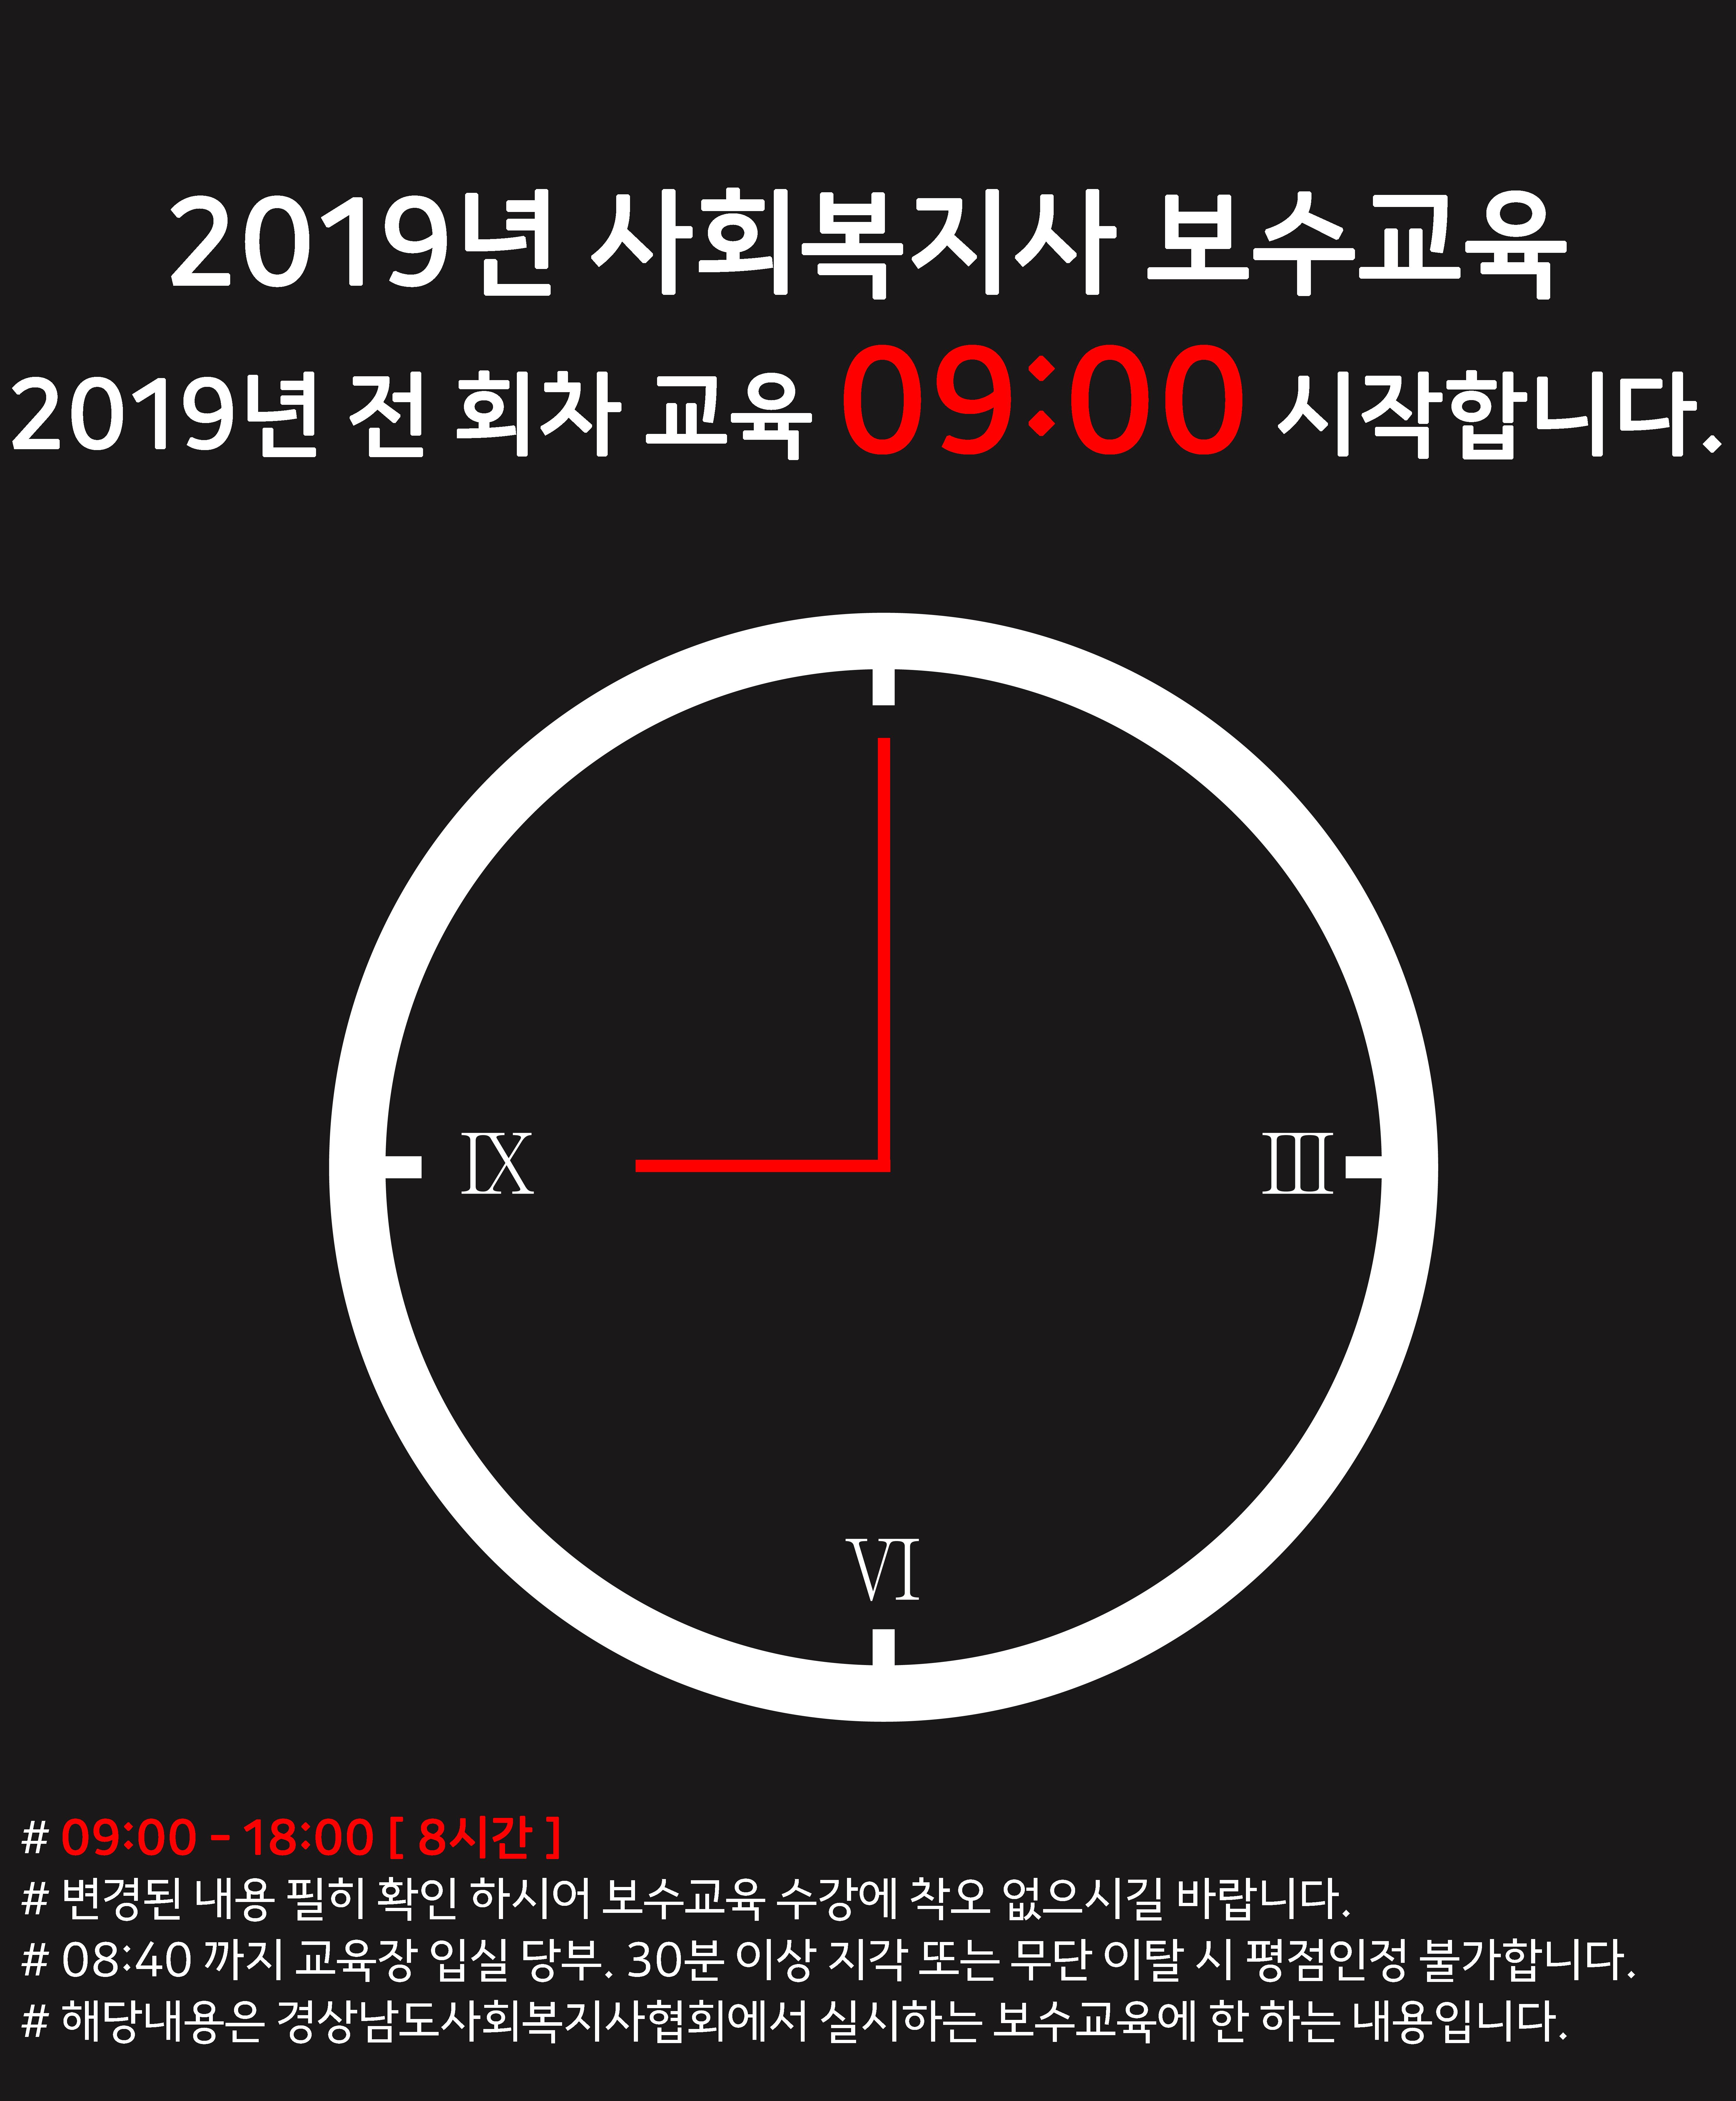 2019년 보수교육 시간.jpg